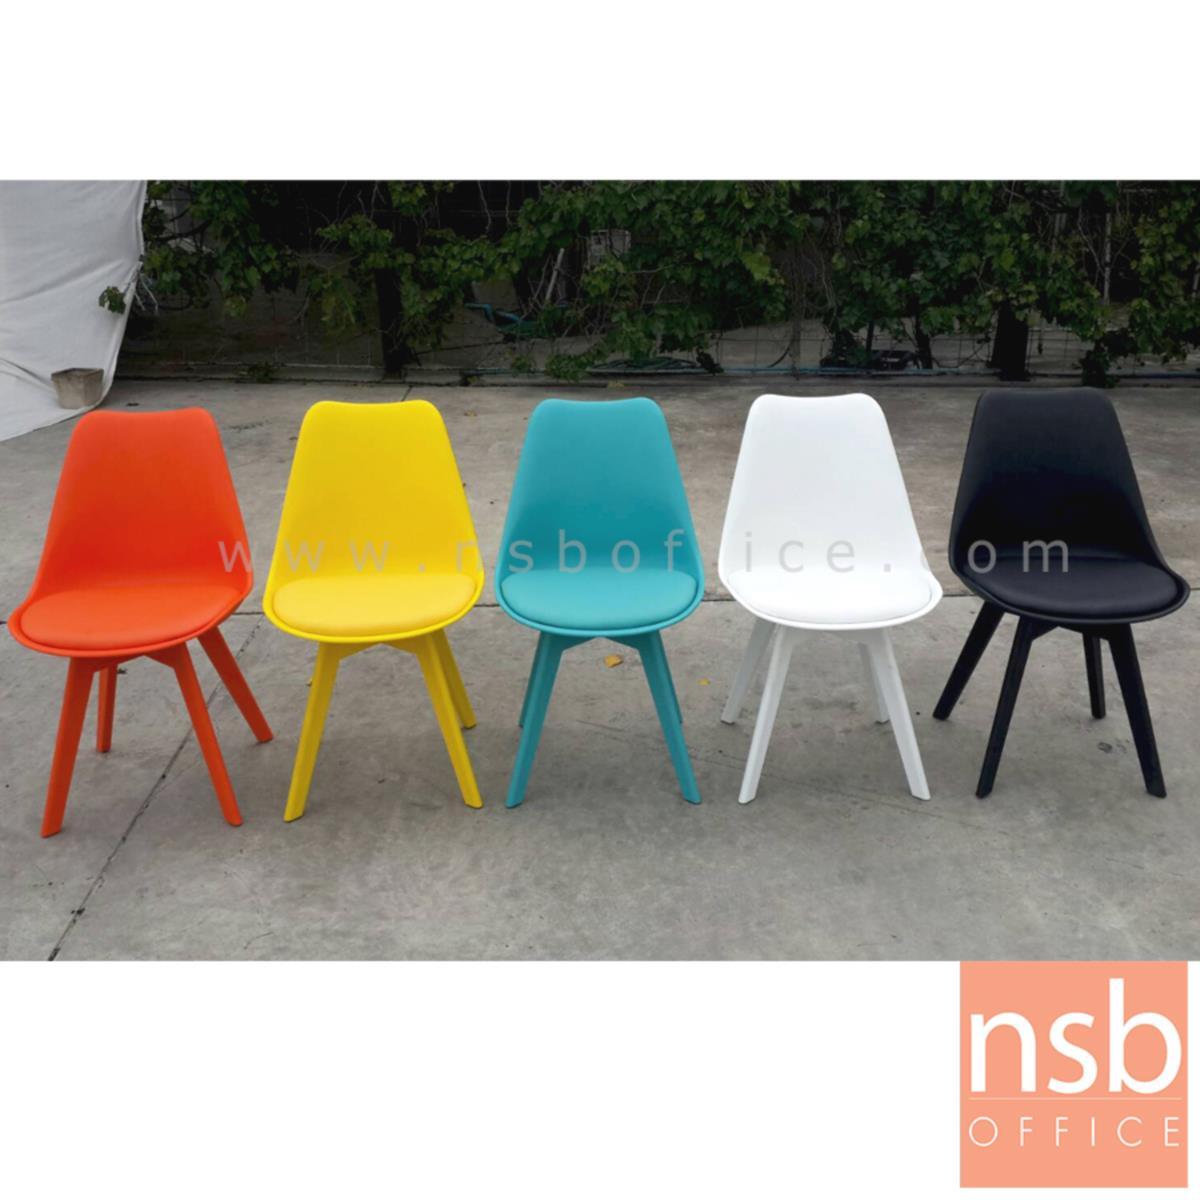 เก้าอี้โมเดิร์นพลาสติก(PP)ที่นั่งหนังเทียม รุ่น NP2202 ขนาด 48W cm.